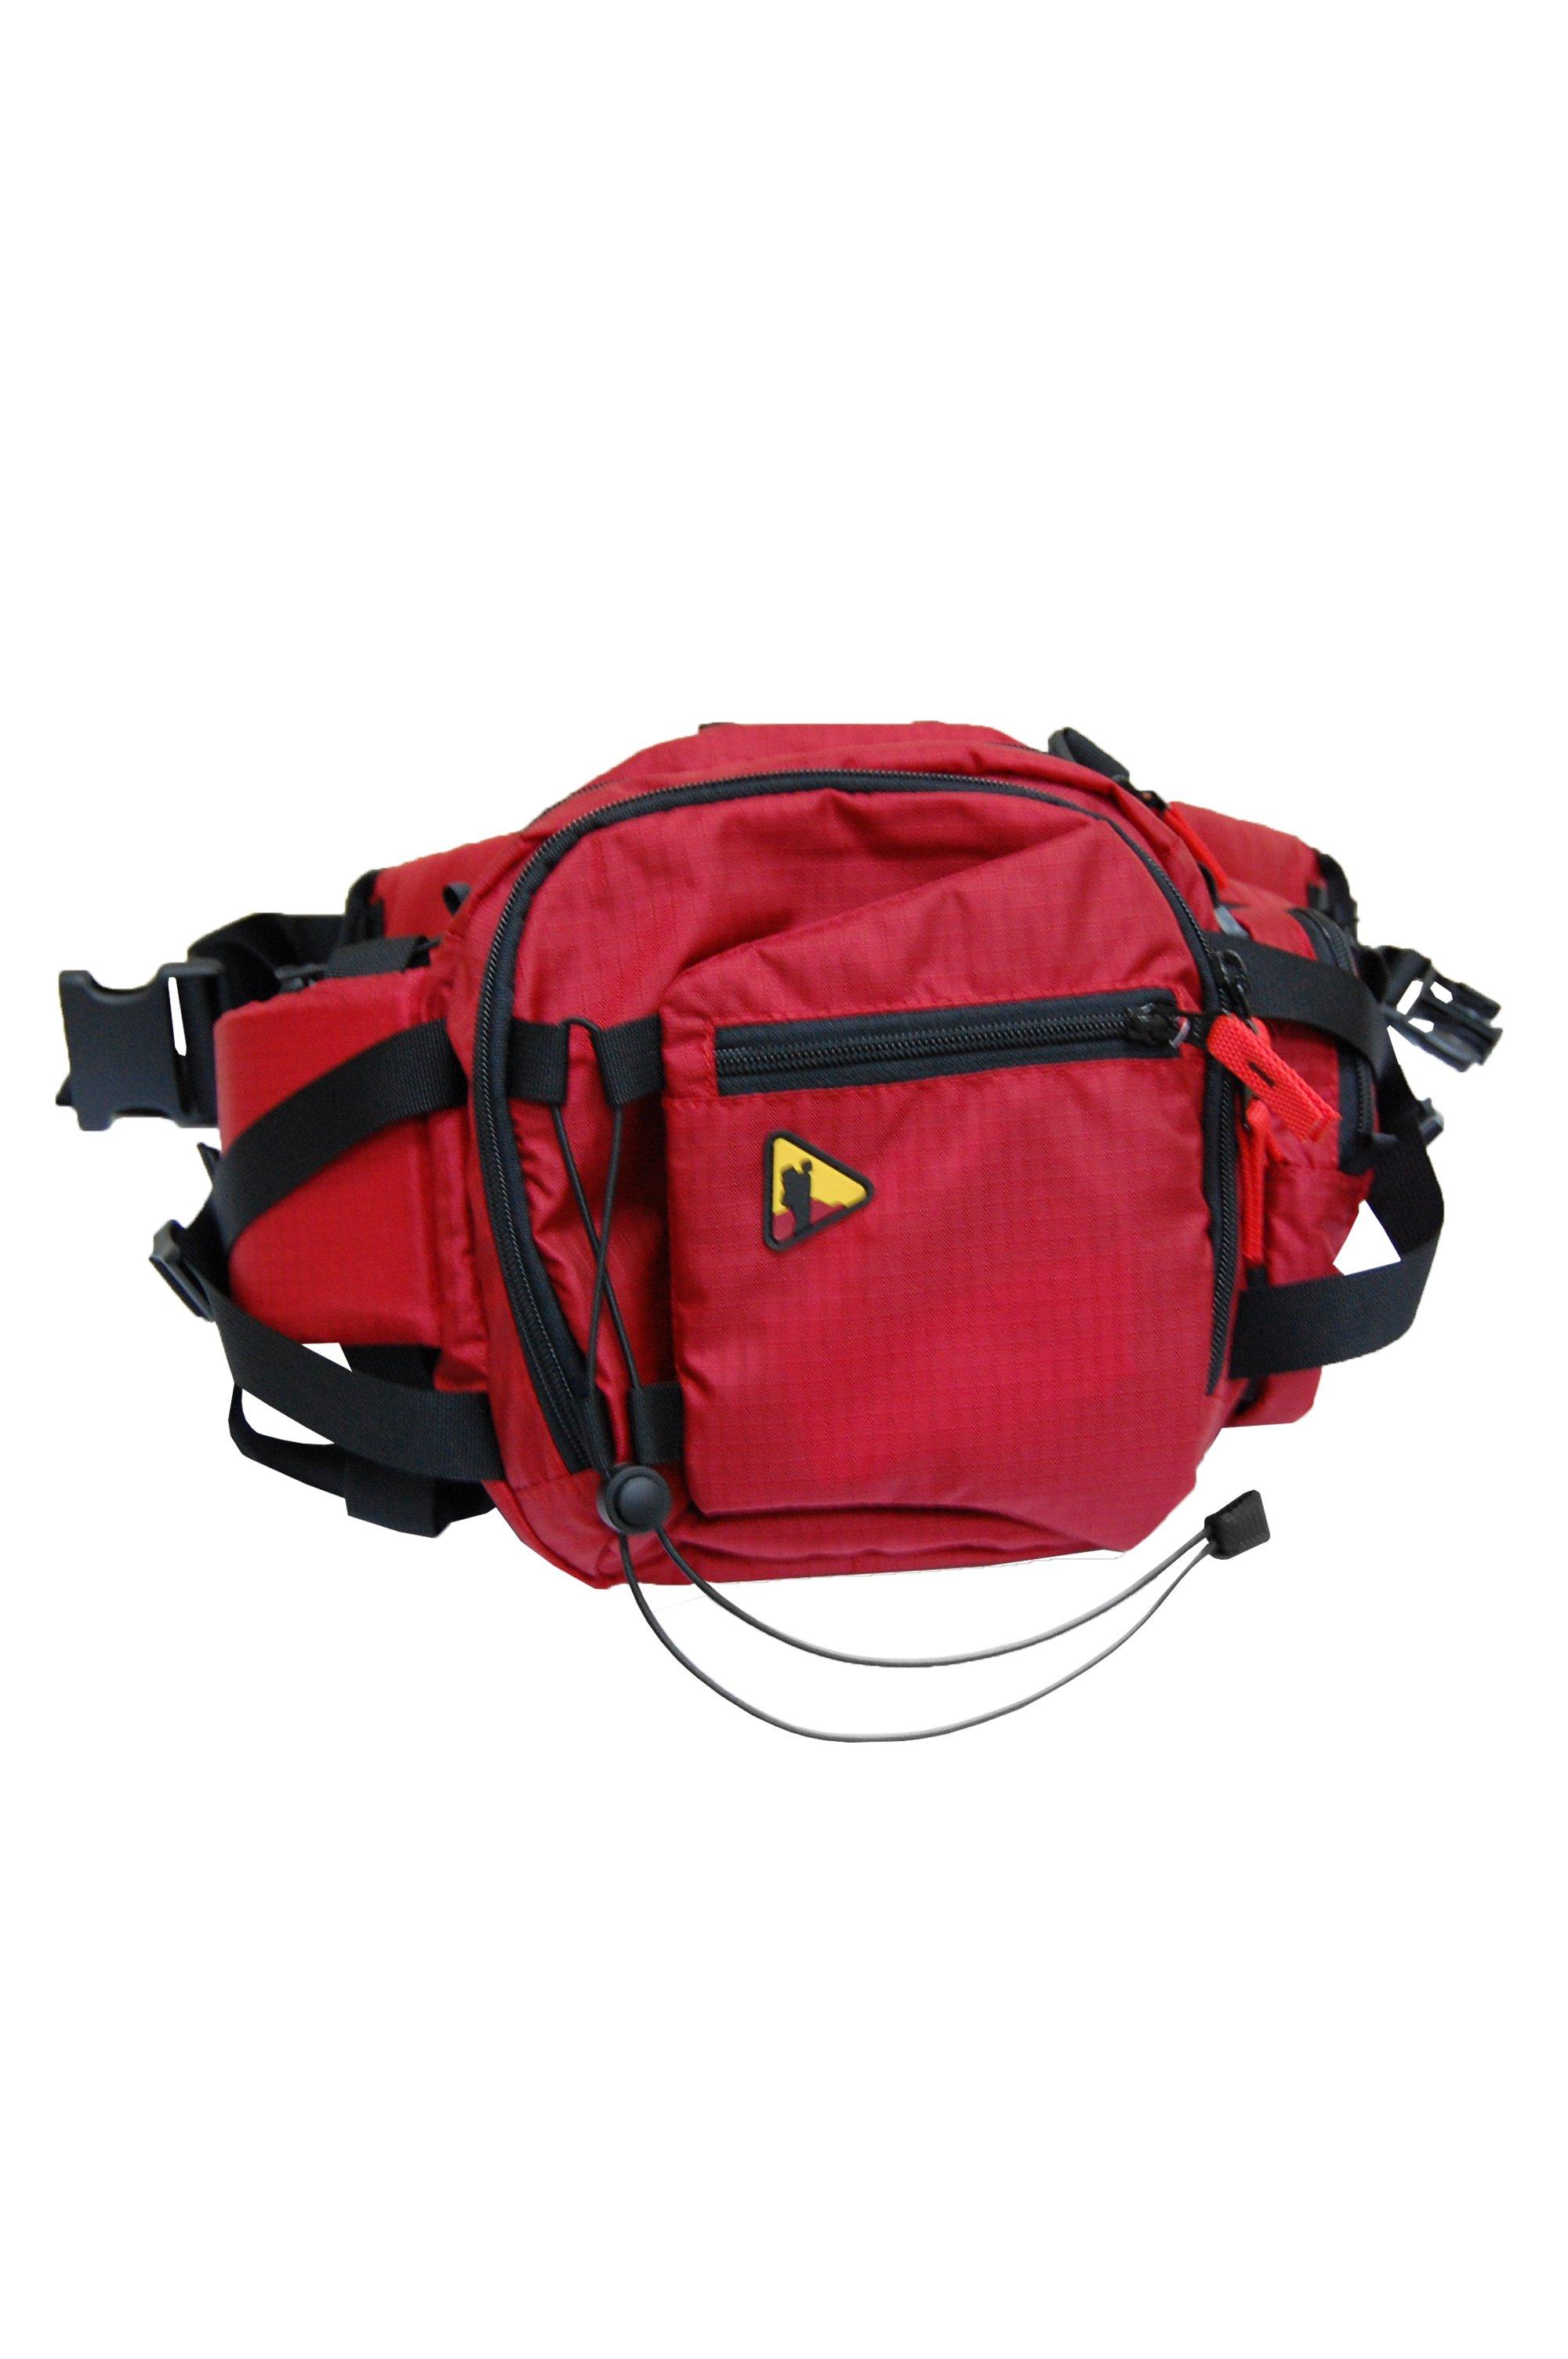 Сумка на пояс BASK CESTUS V2 5093aСумка на пояс. Удобна в тех случаях, когда рюкзак неуместен.<br><br>Анатомическая конструкция спины и ремней: Нет<br>Вентиляция спины: Нет<br>Вес граммы: 460<br>Внутренние карманы: Нет<br>Внутренняя перегородка: Нет<br>Возможность крепления сноуборда/скейтборда/лыж: Нет<br>Грудной фиксатор: Нет<br>Карман для гидратора: Нет<br>Накидка от дождя: Нет<br>Нижний вход: Нет<br>Пол: Унисекс<br>Регулировка угла наклона пояса: Нет<br>Светоотражающий кант: Нет<br>Ткань: 210D Robic® Triple Rip<br>Усиление дна: Нет<br>Фурнитура: Duraflex®<br>Цвет: КРАСНЫЙ